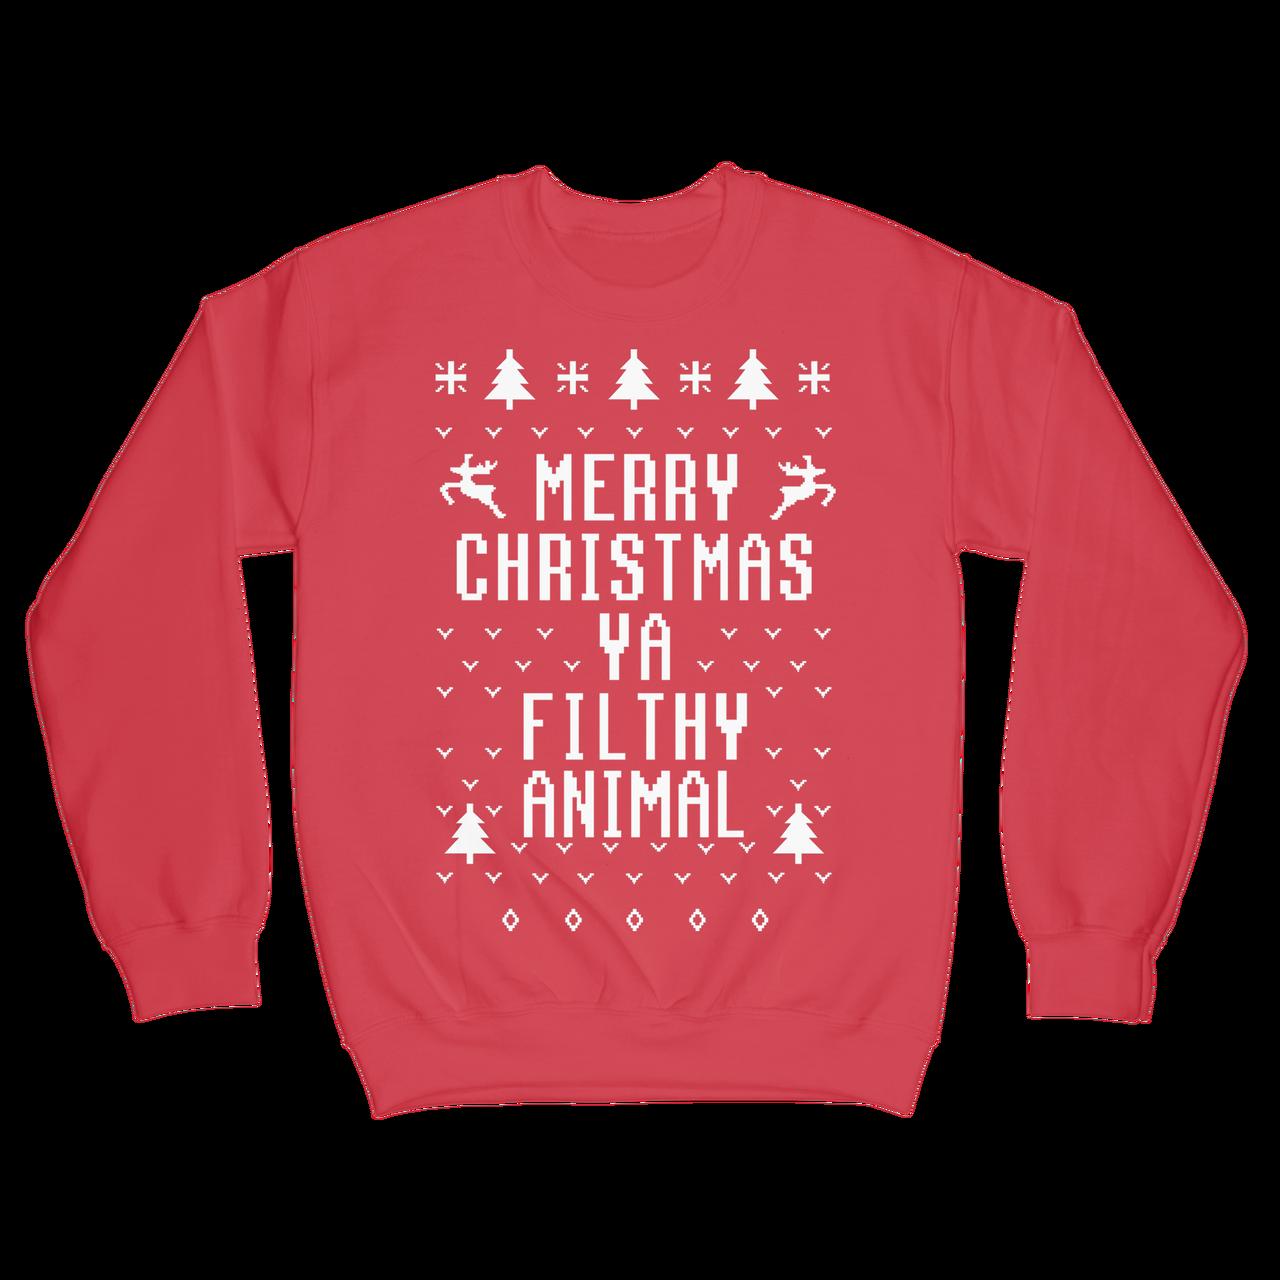 Merry Christmas Ya Filthy Animal Shirt.Merry Christmas Ya Filthy Animal Crewneck Sweatshirt